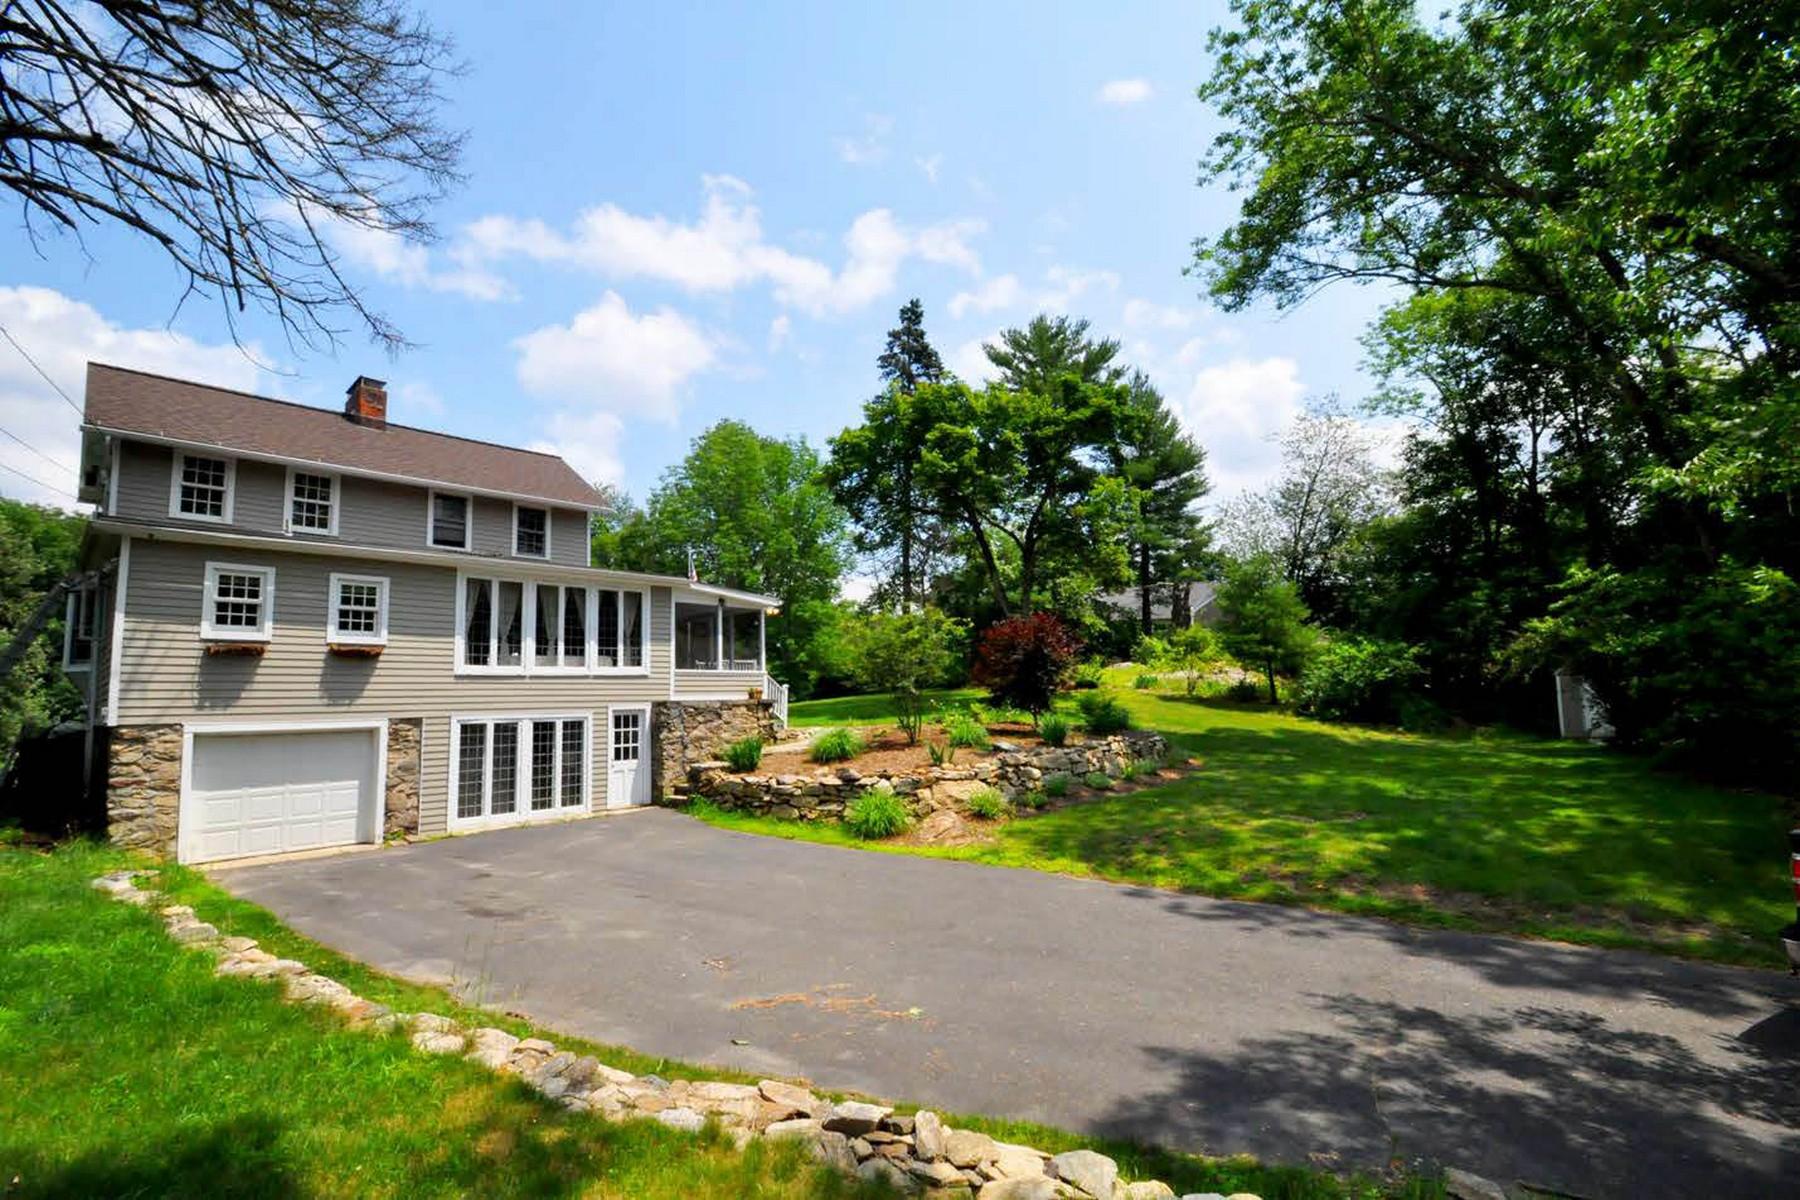 Casa Unifamiliar por un Venta en Charming Farmhouse Colonial 78 Black Rock Turnpike Redding, Connecticut 06896 Estados Unidos